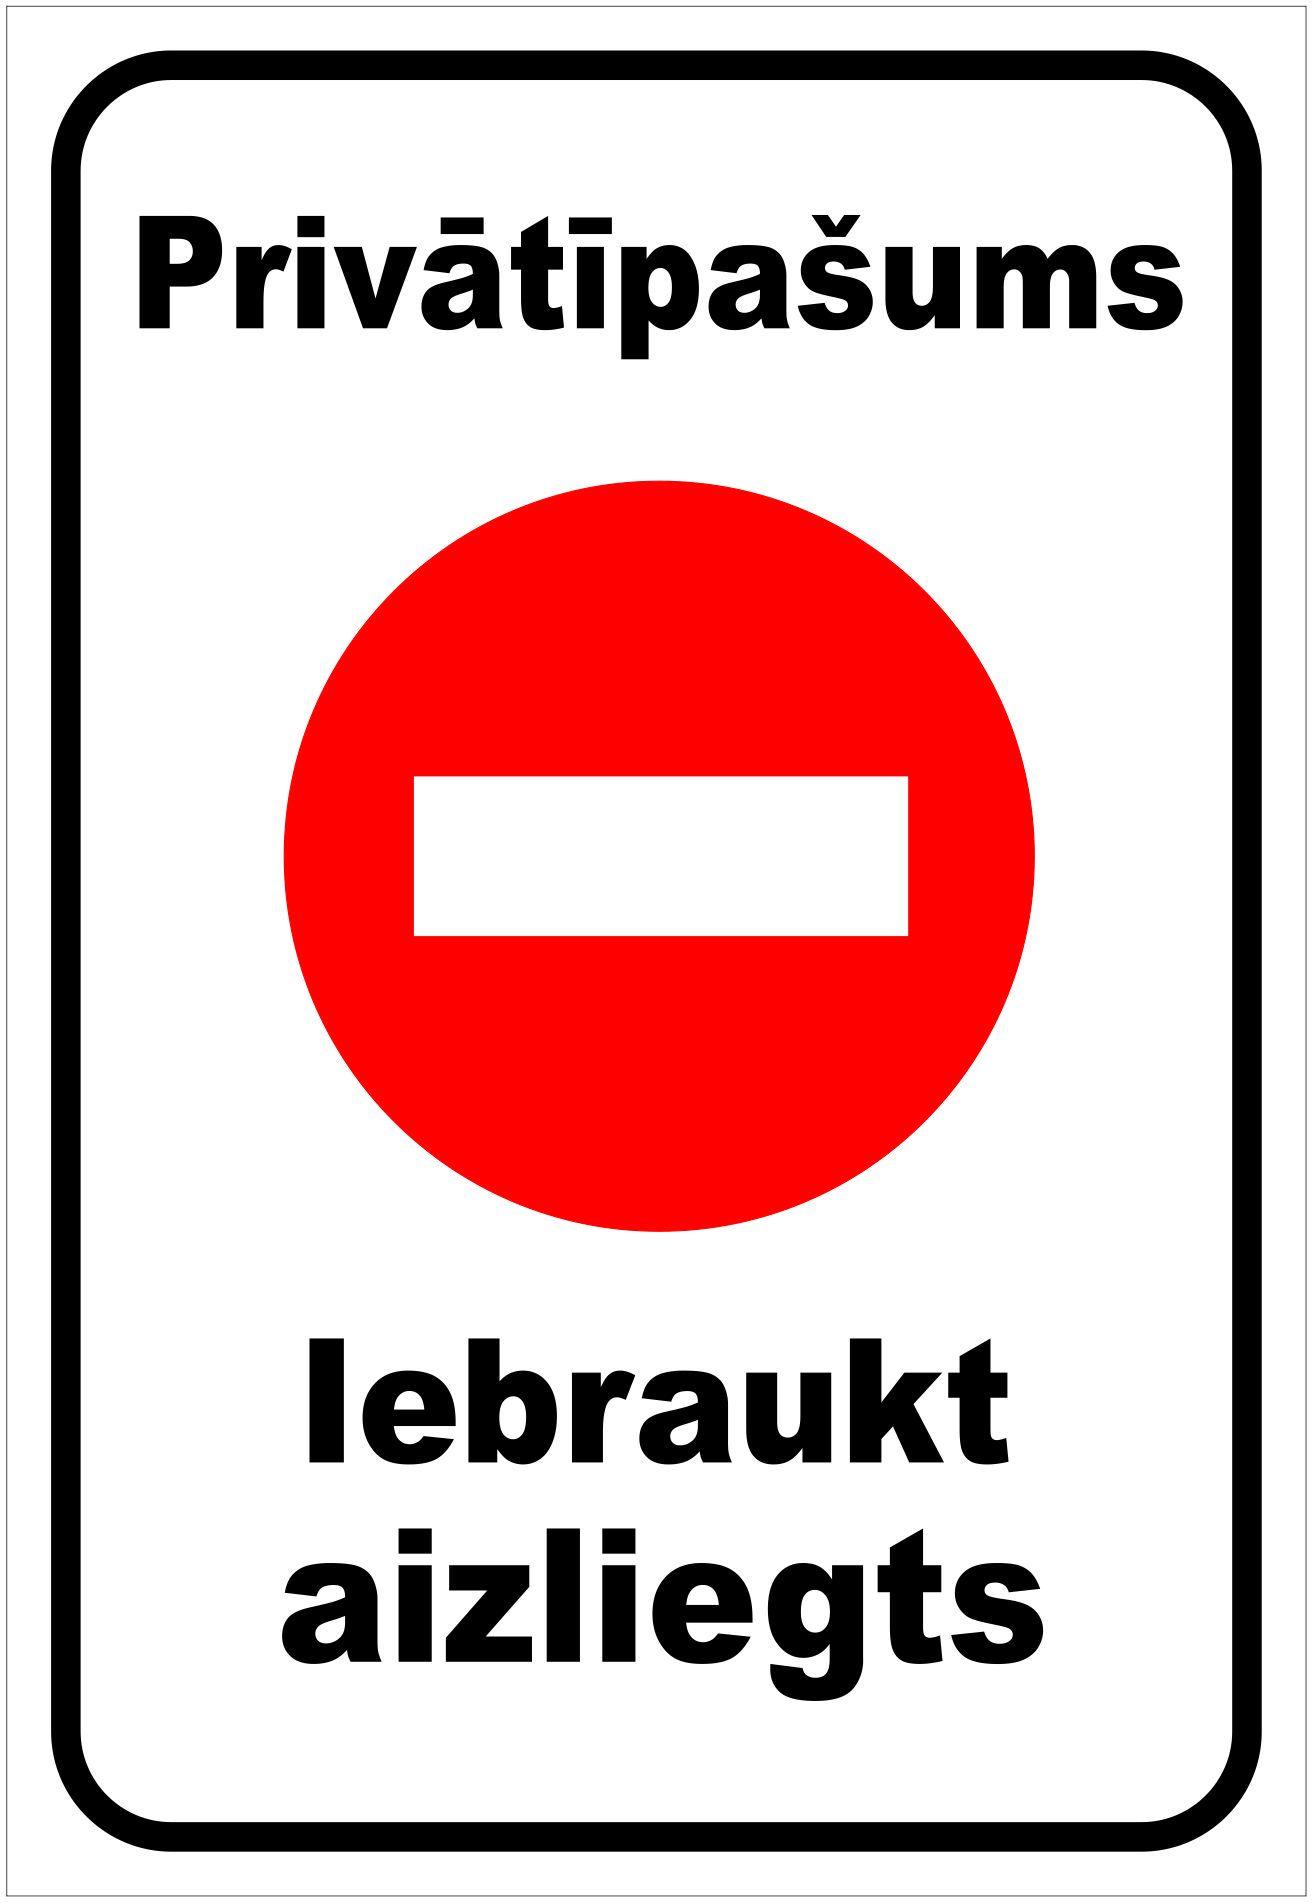 balta norāde privātīpašums iebraukt aizliegts